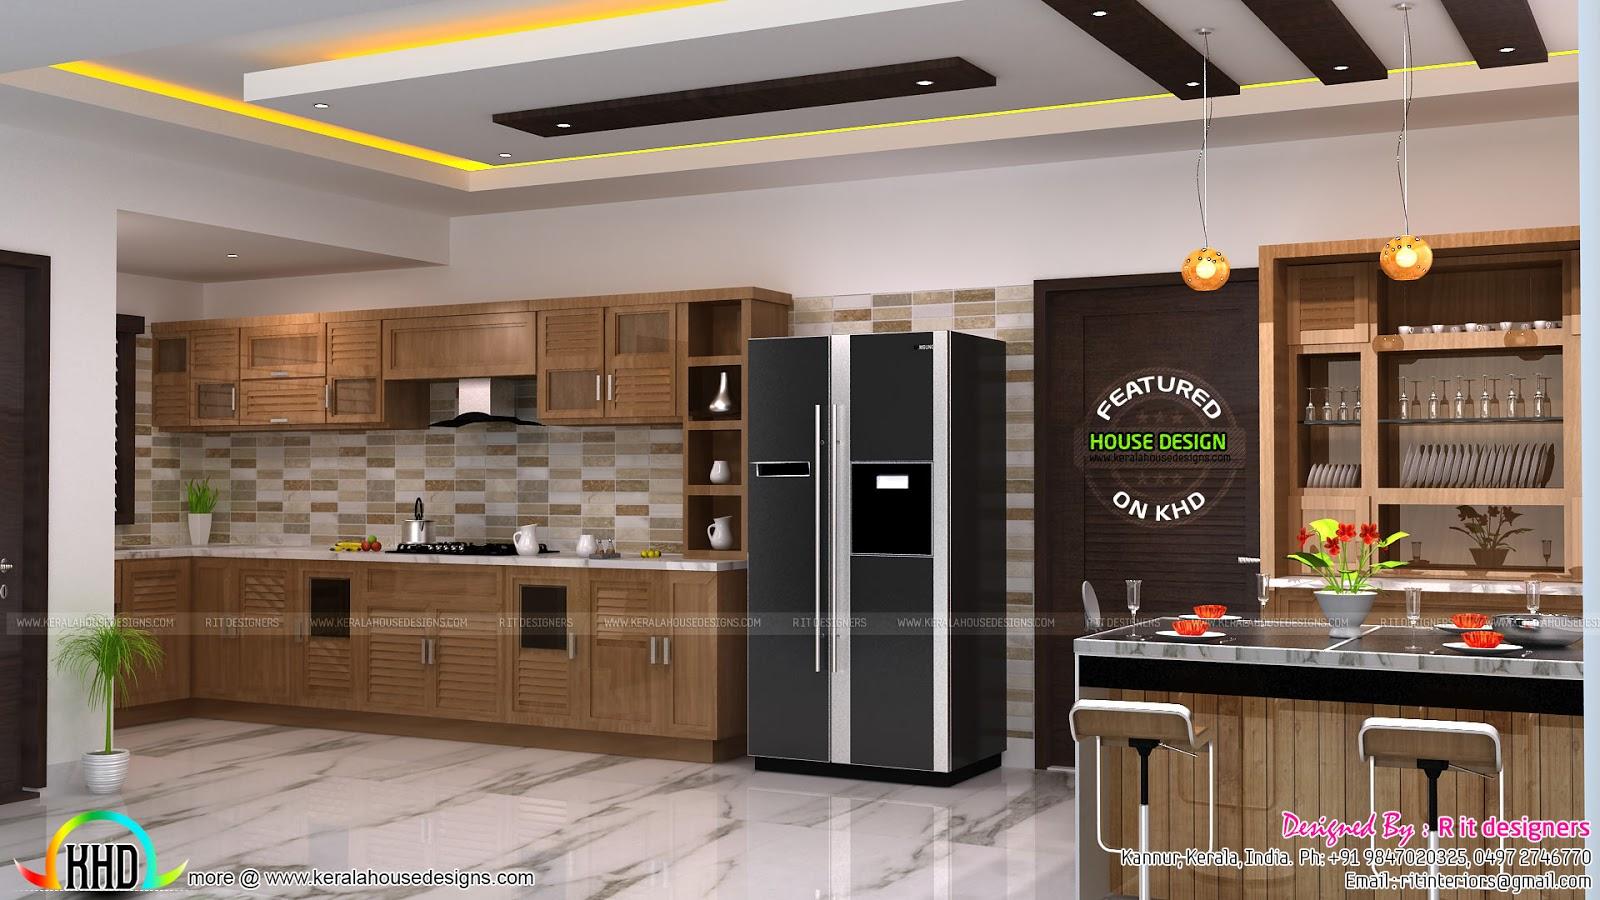 Luxurious Bathroom, Bedroom, Open Kitchen Interior